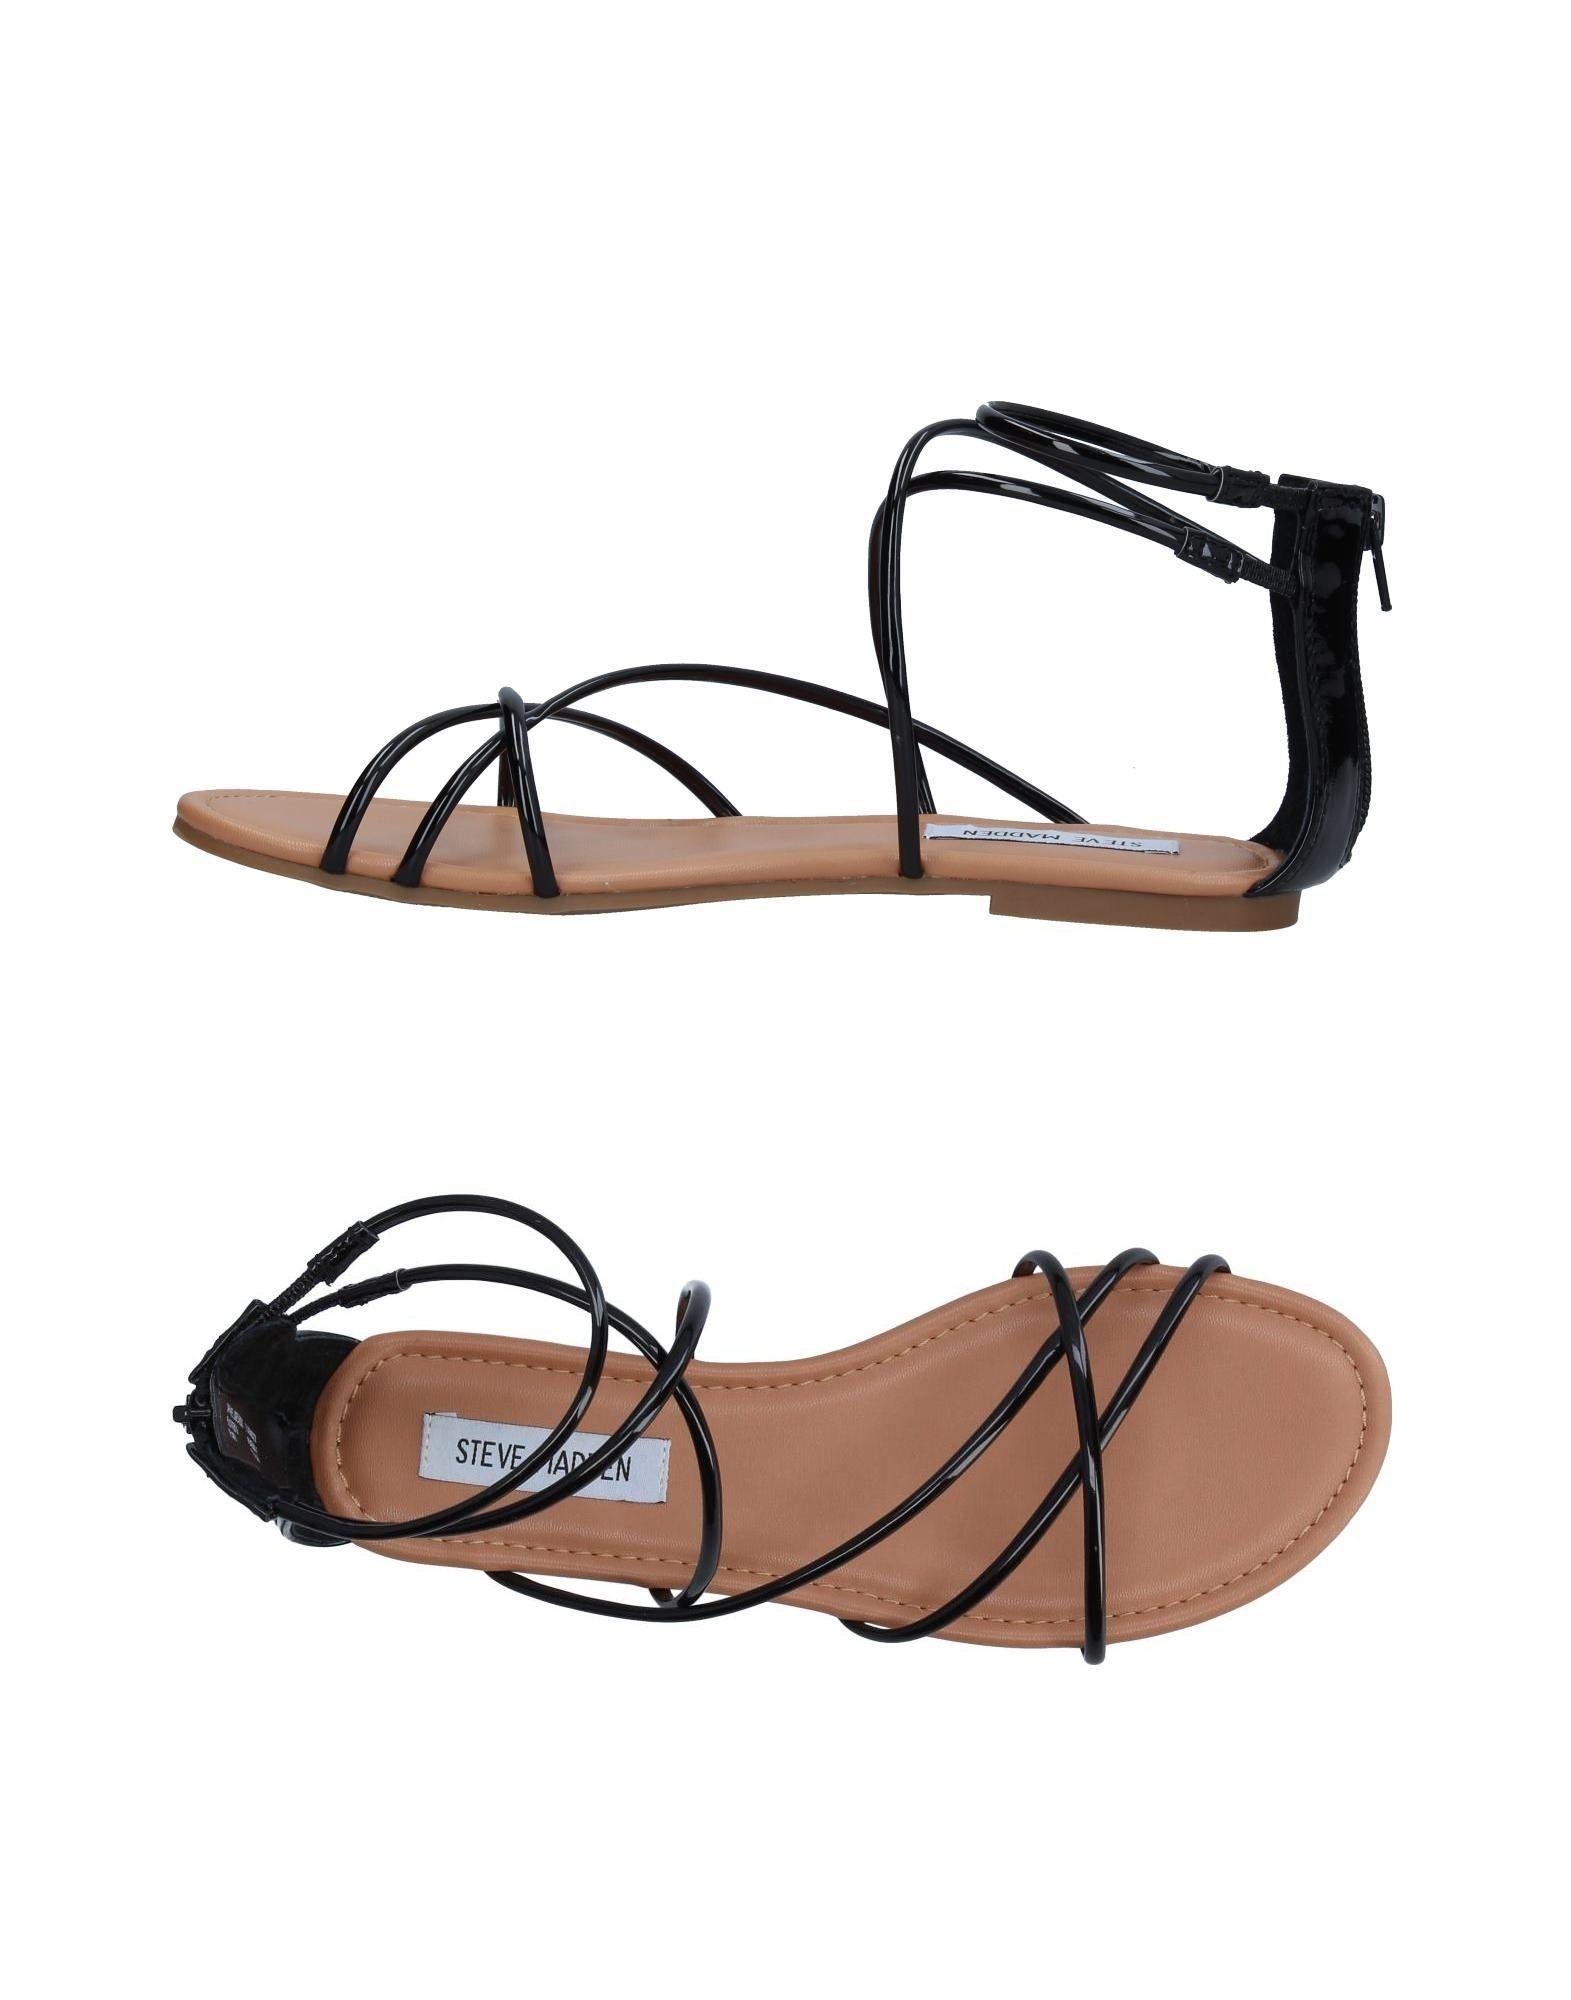 Steve Madden Sandalen Damen  11369559ON Gute Qualität beliebte Schuhe